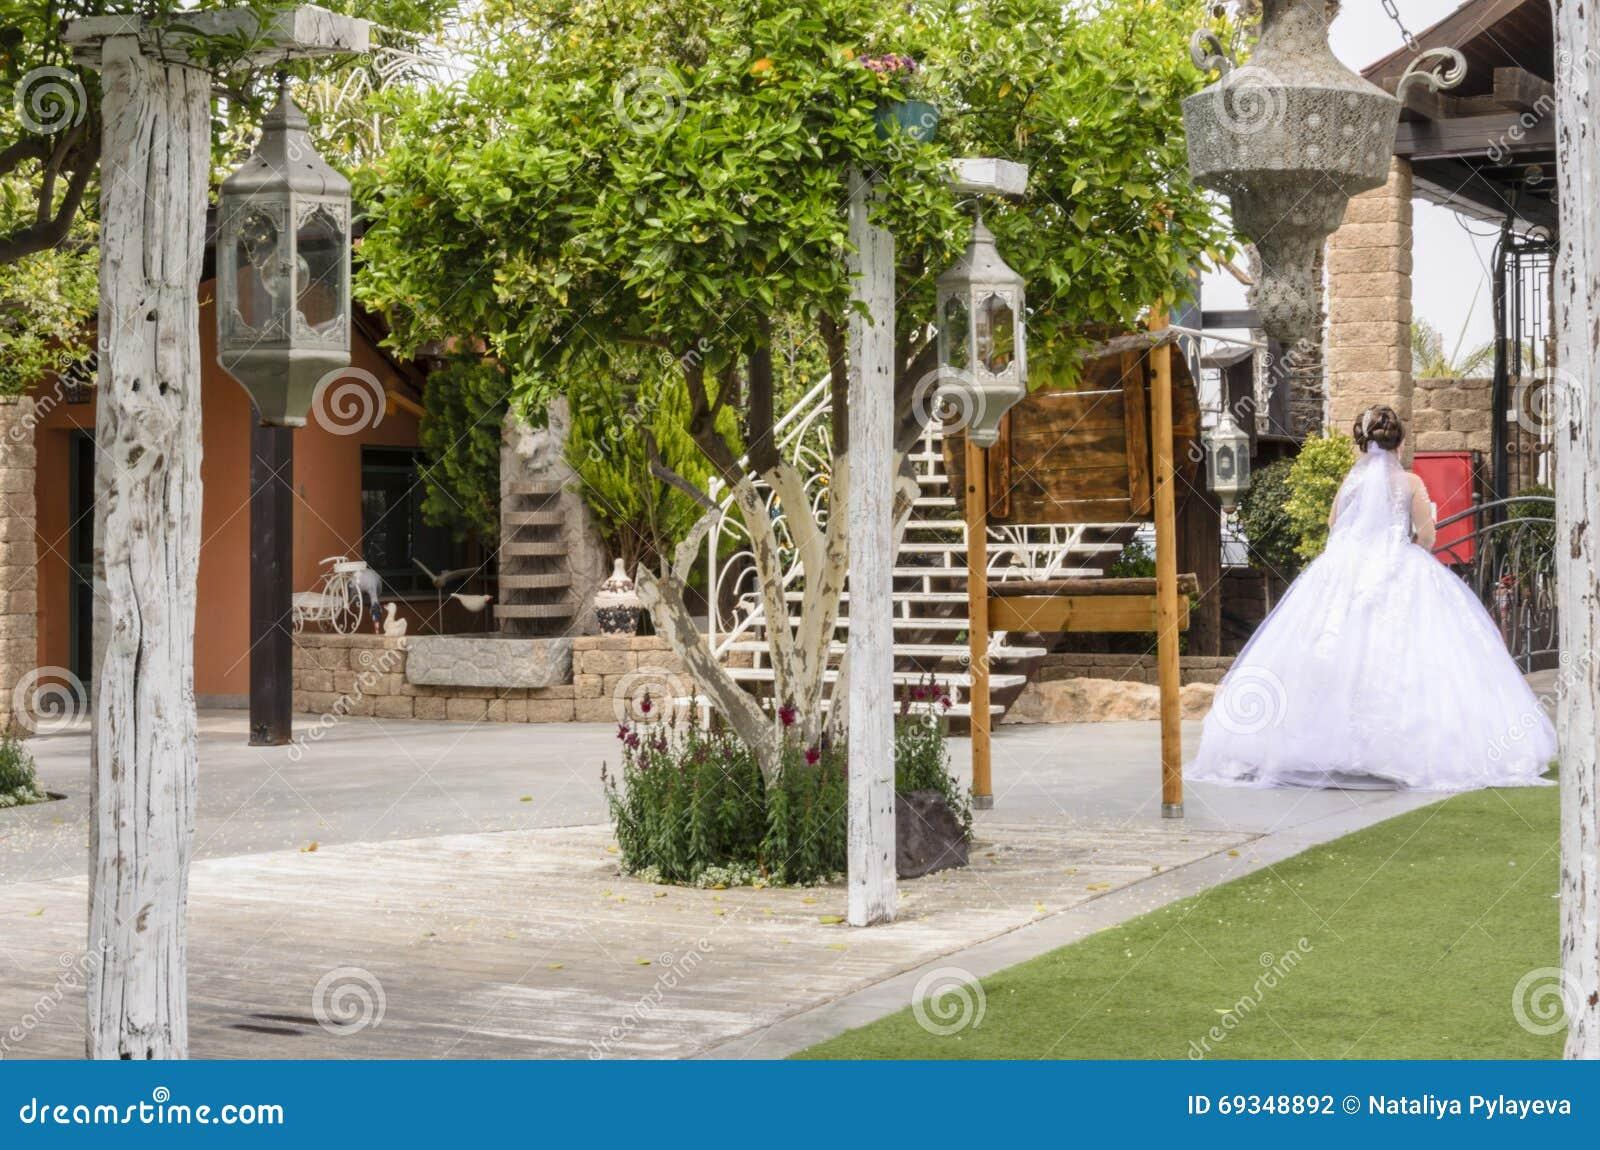 Beersheba israël 24 maart bruid in een witte kleding voor een gang